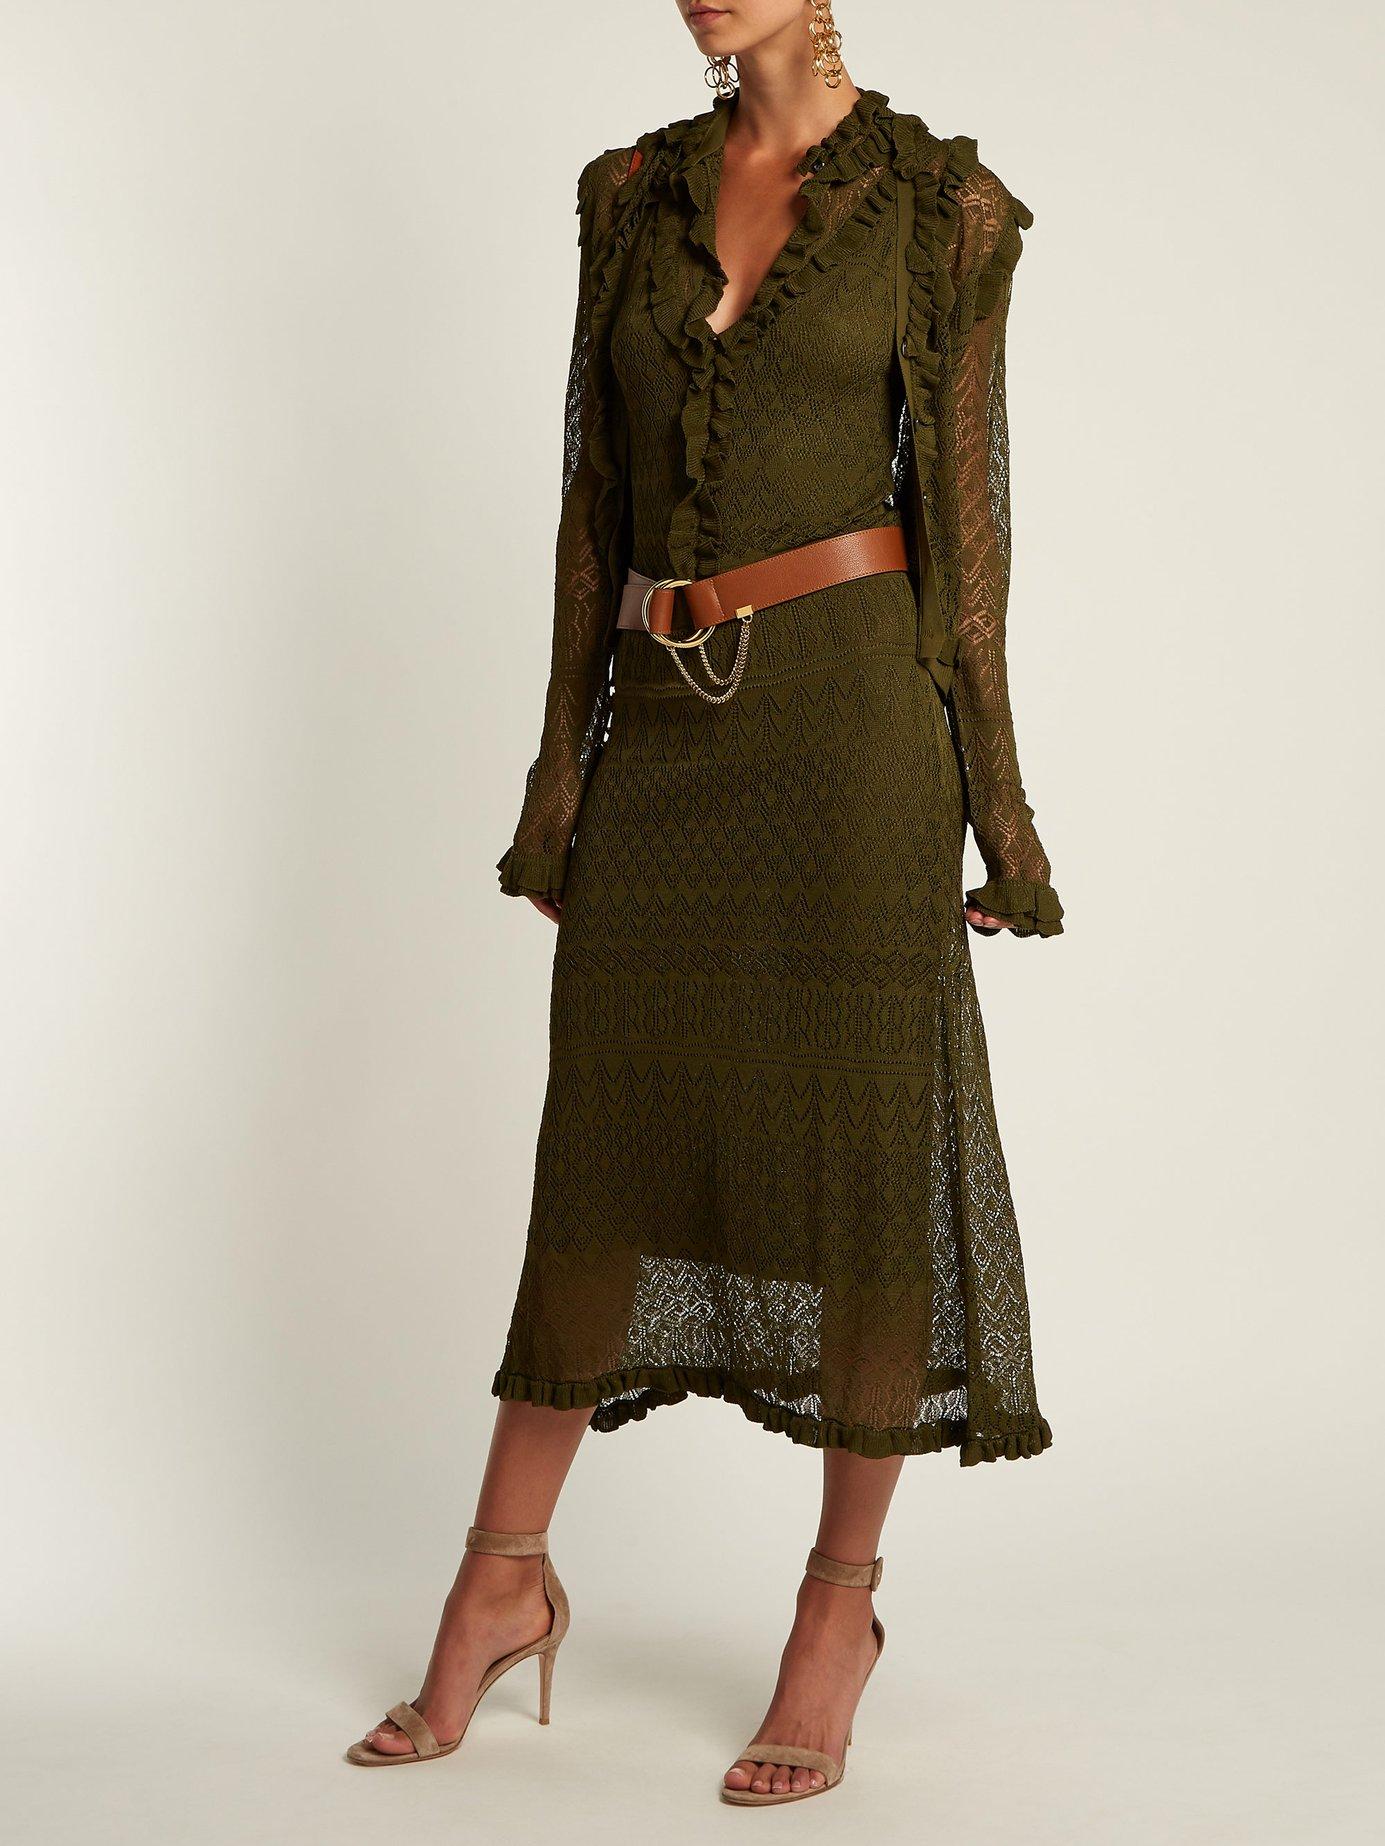 Butterfield pointelle-knit dress by Altuzarra